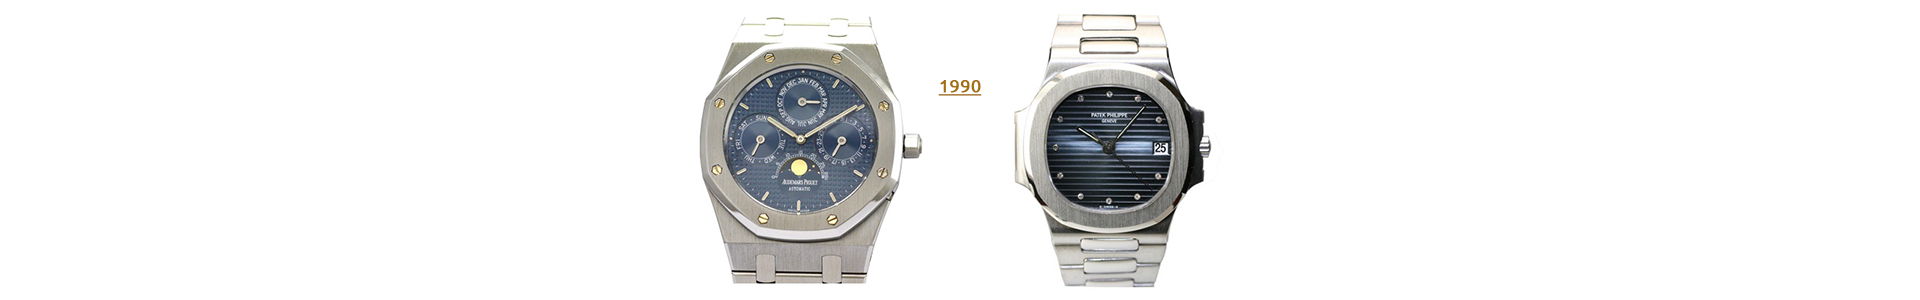 Uhren Ankauf Audemars Piguet